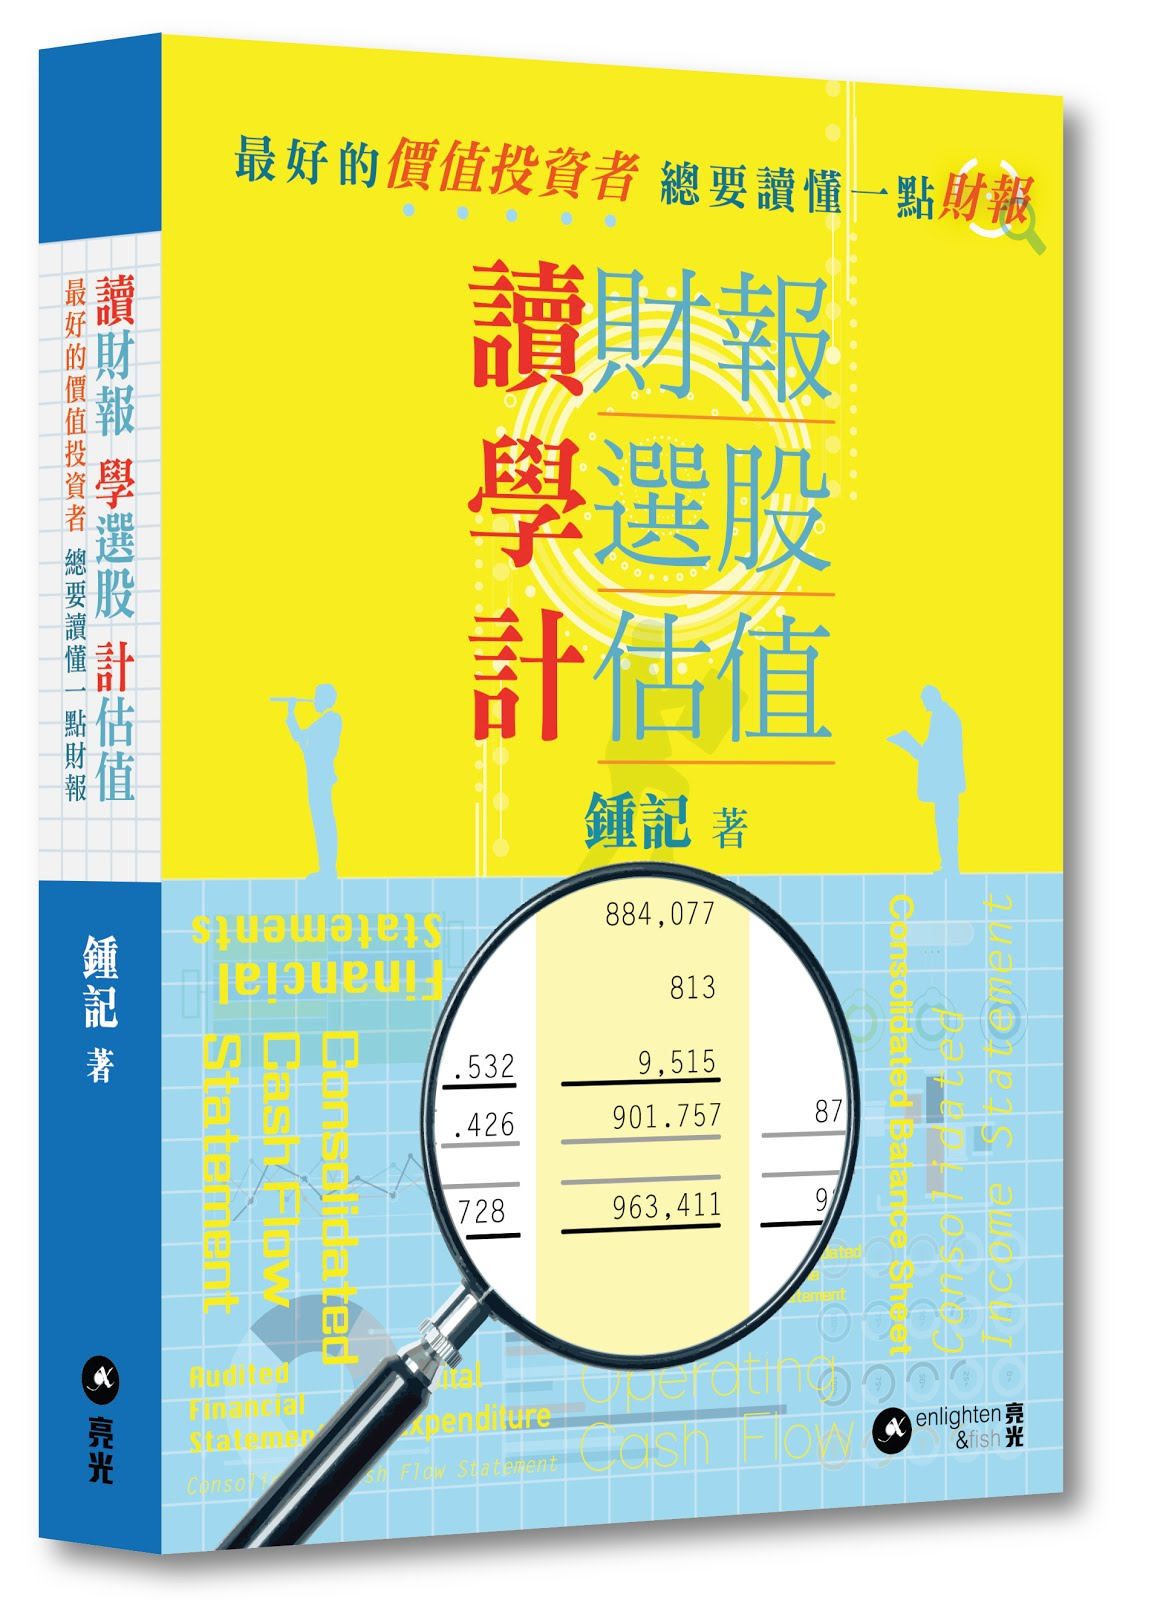 第三本書《讀財報 學選股 計估值》即將出版